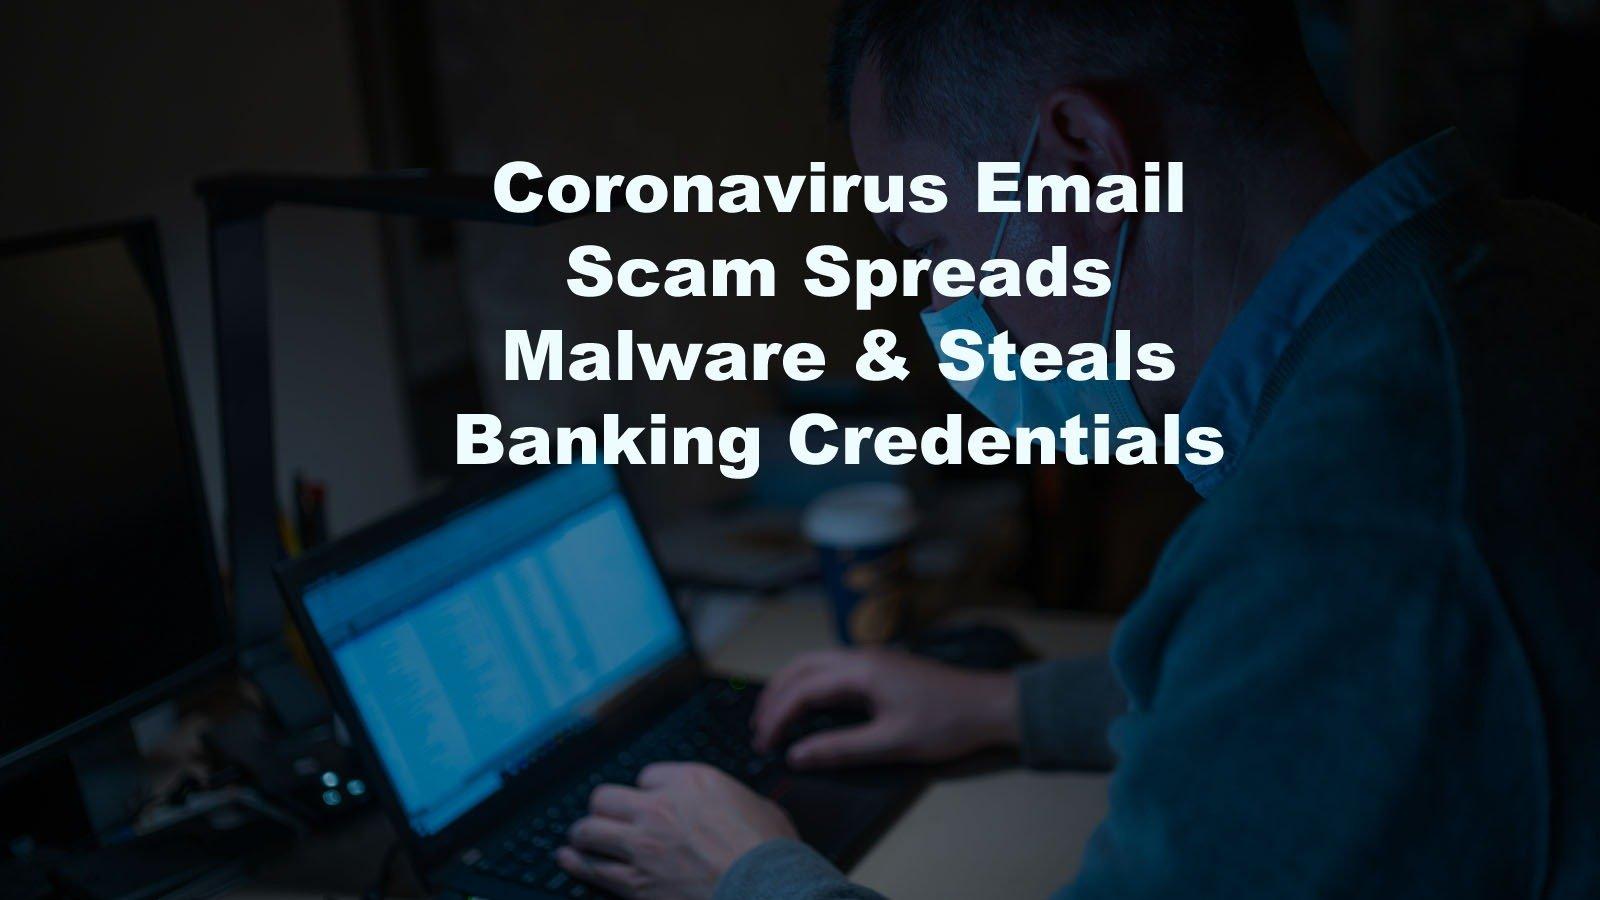 Coronavirus email scam